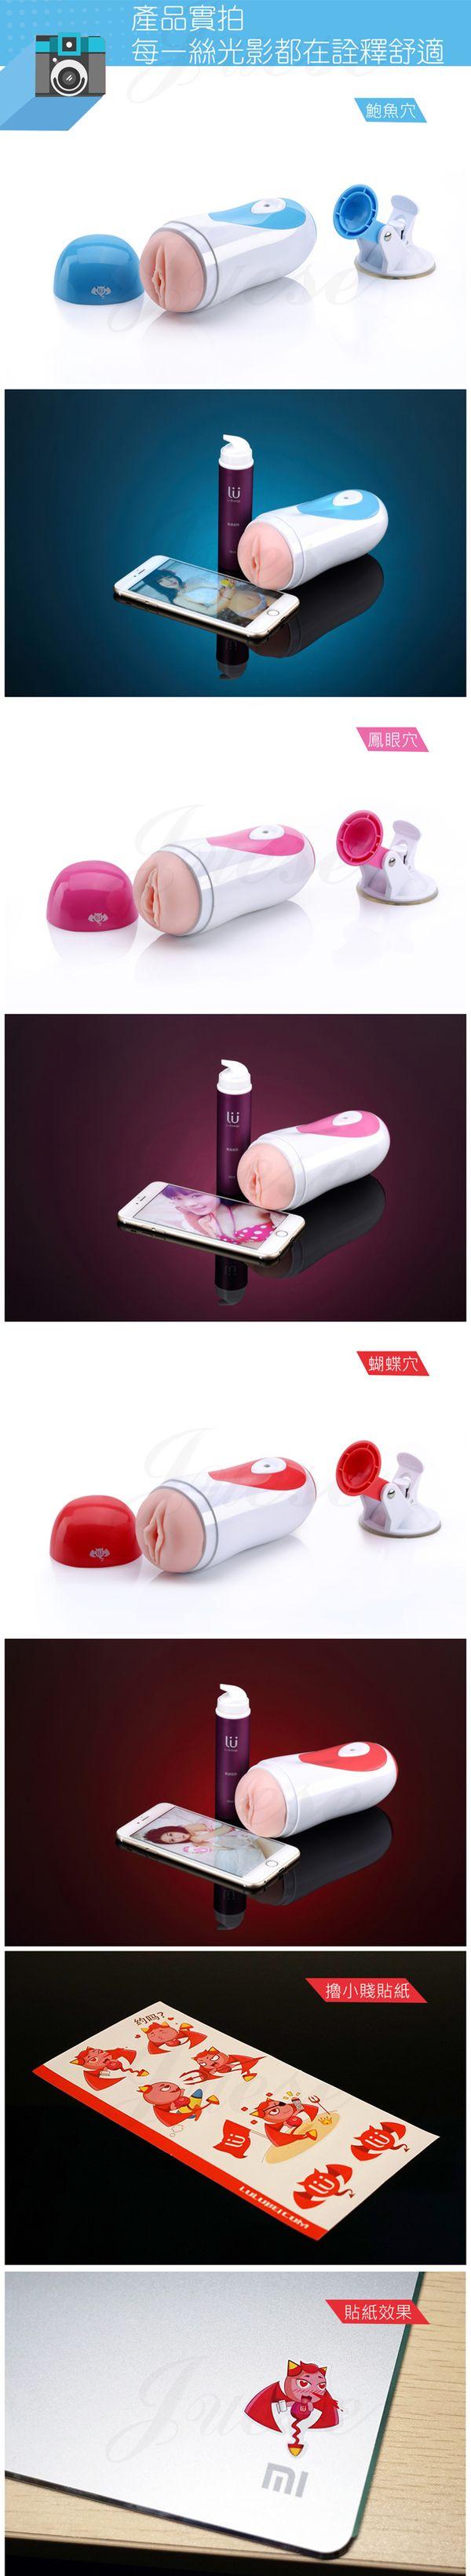 附圖4-香港久興-擼擼杯2 手持/免手持雙用吸盤自慰杯-蝴蝶之穴